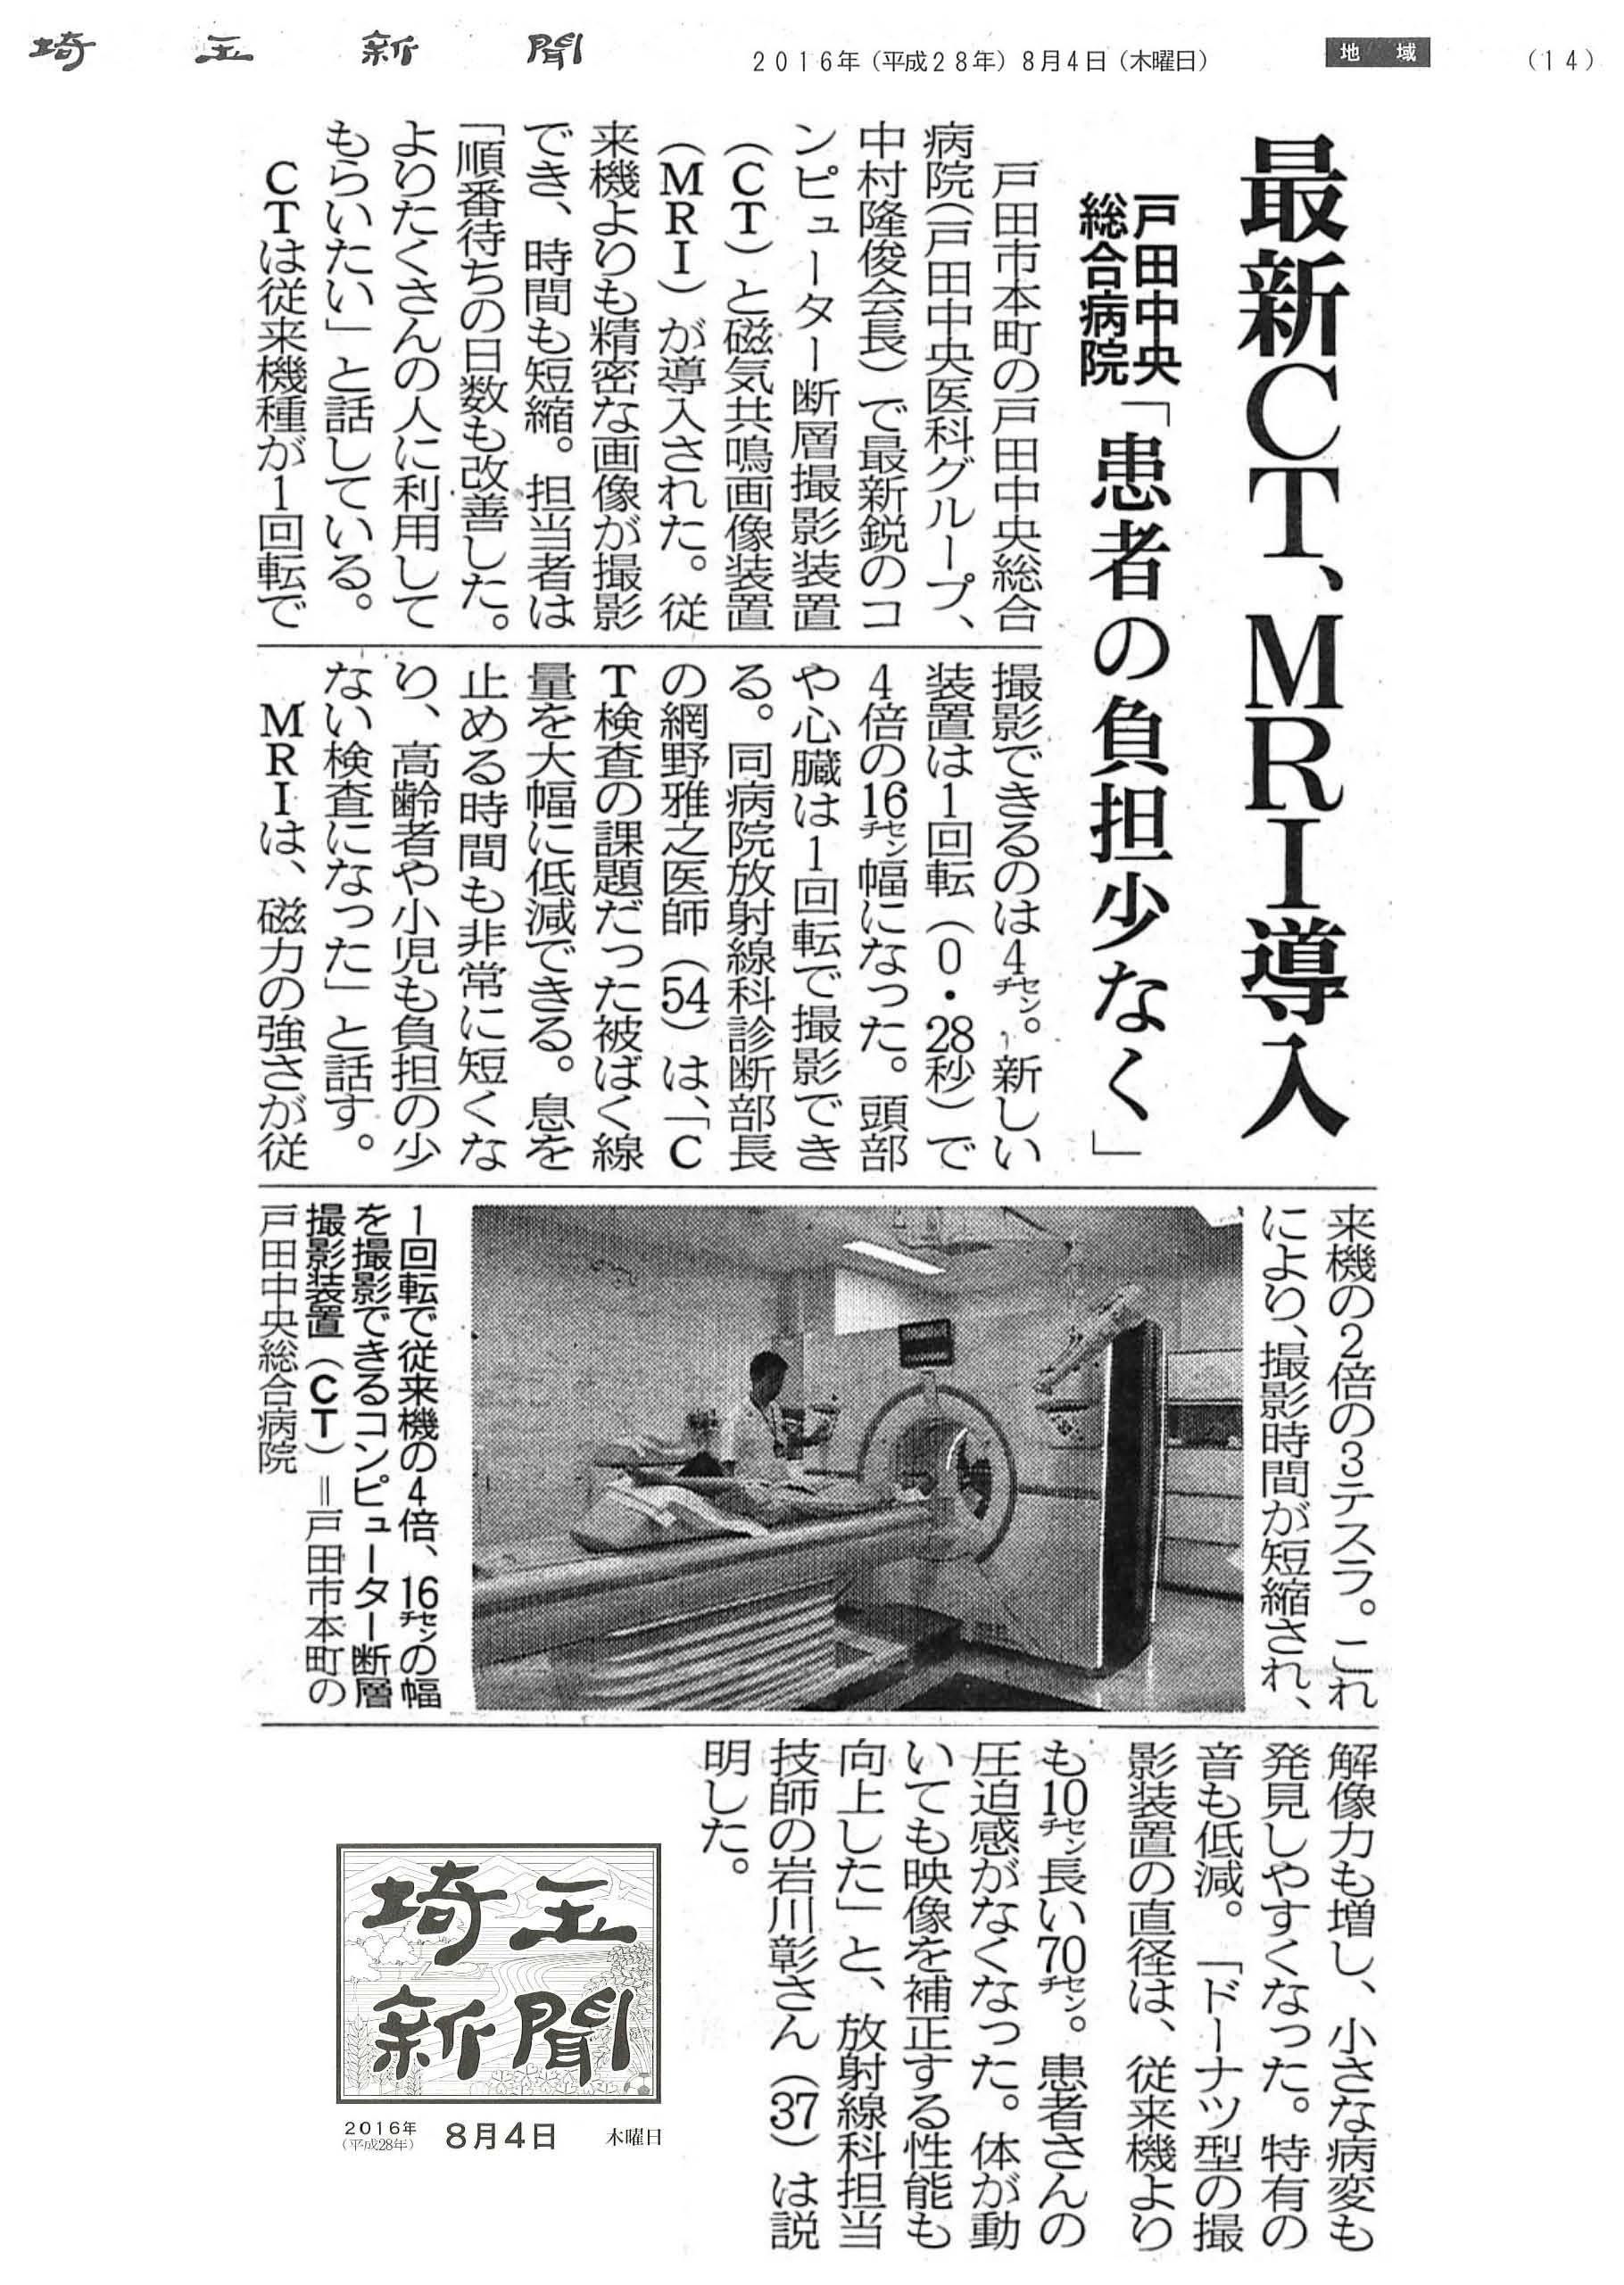 20160804 埼玉新聞(戸田中 新型CT・MRI)